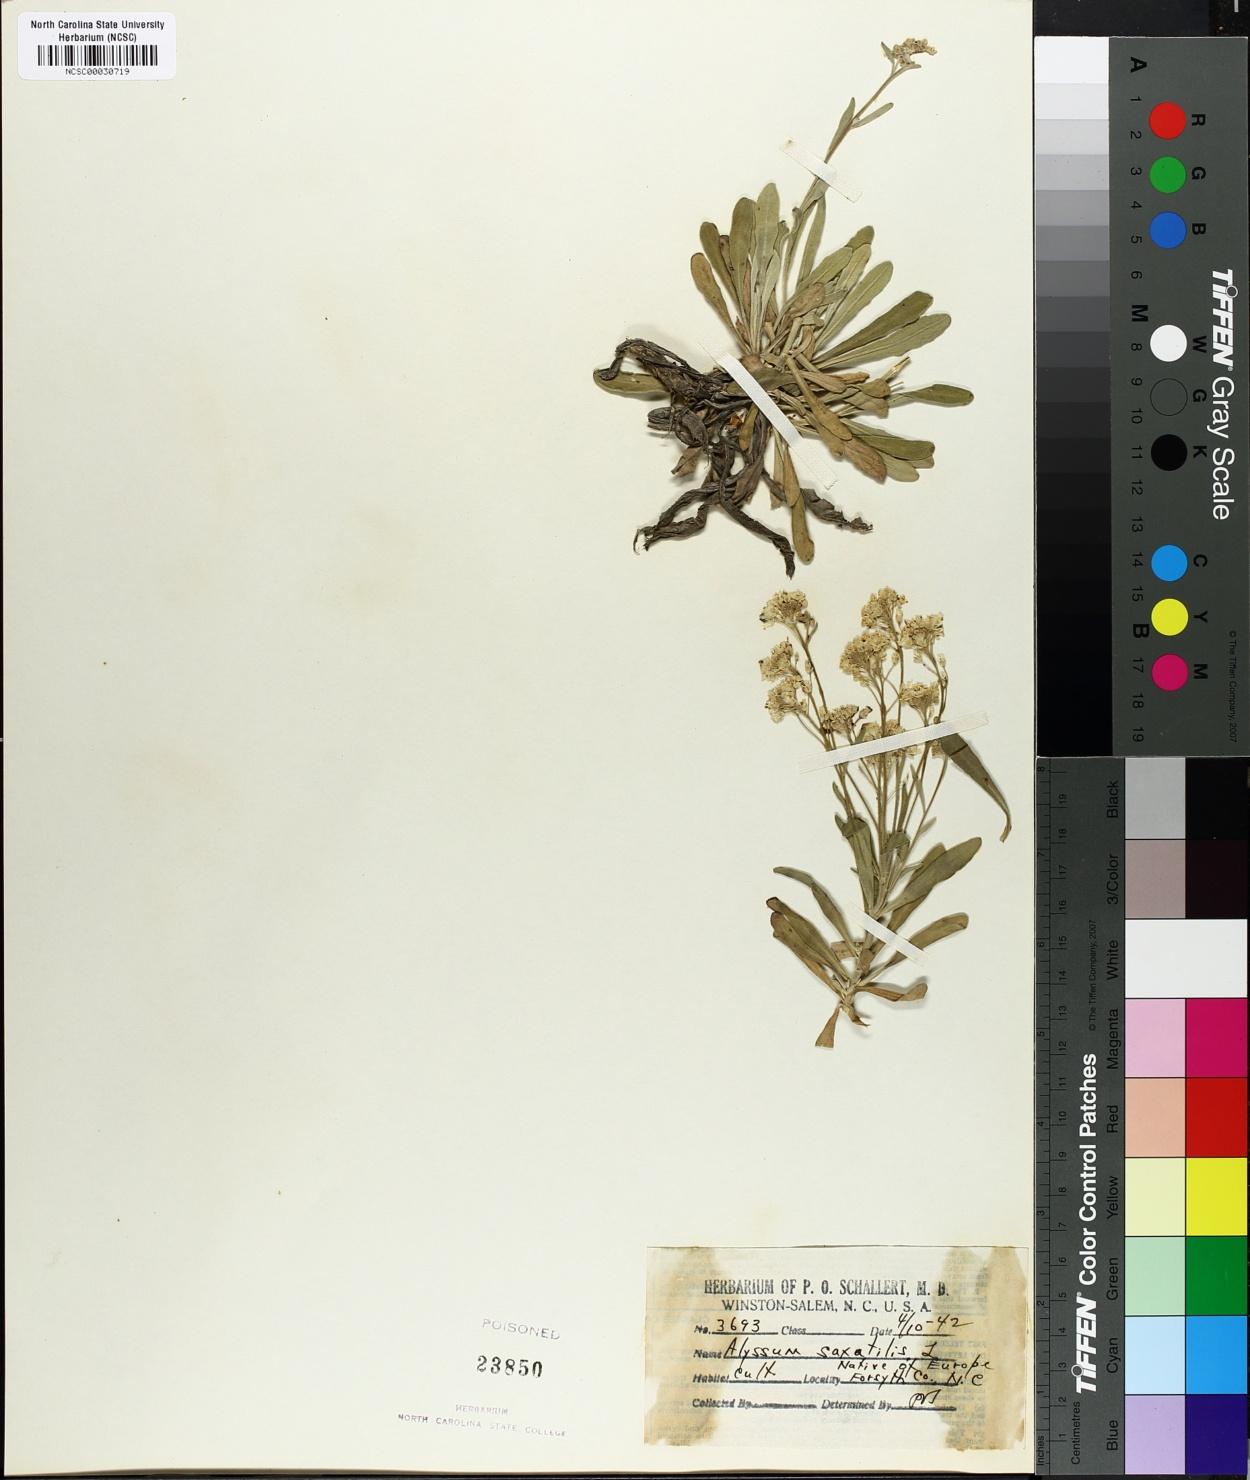 Alyssum saxatilis image